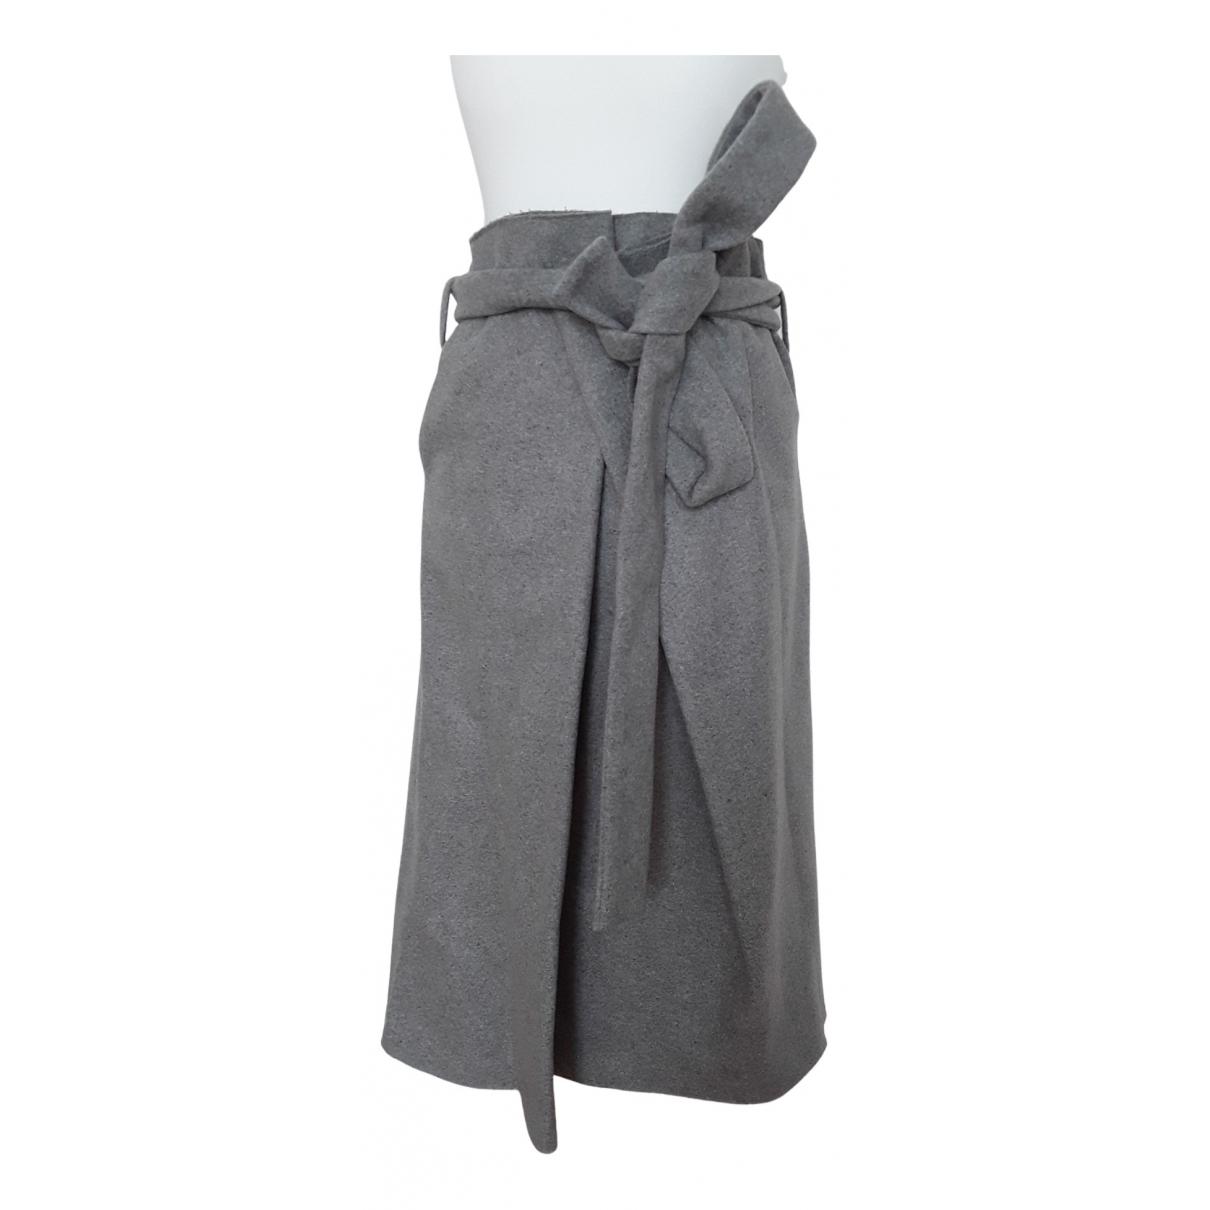 Avelon - Jupe   pour femme en laine - gris